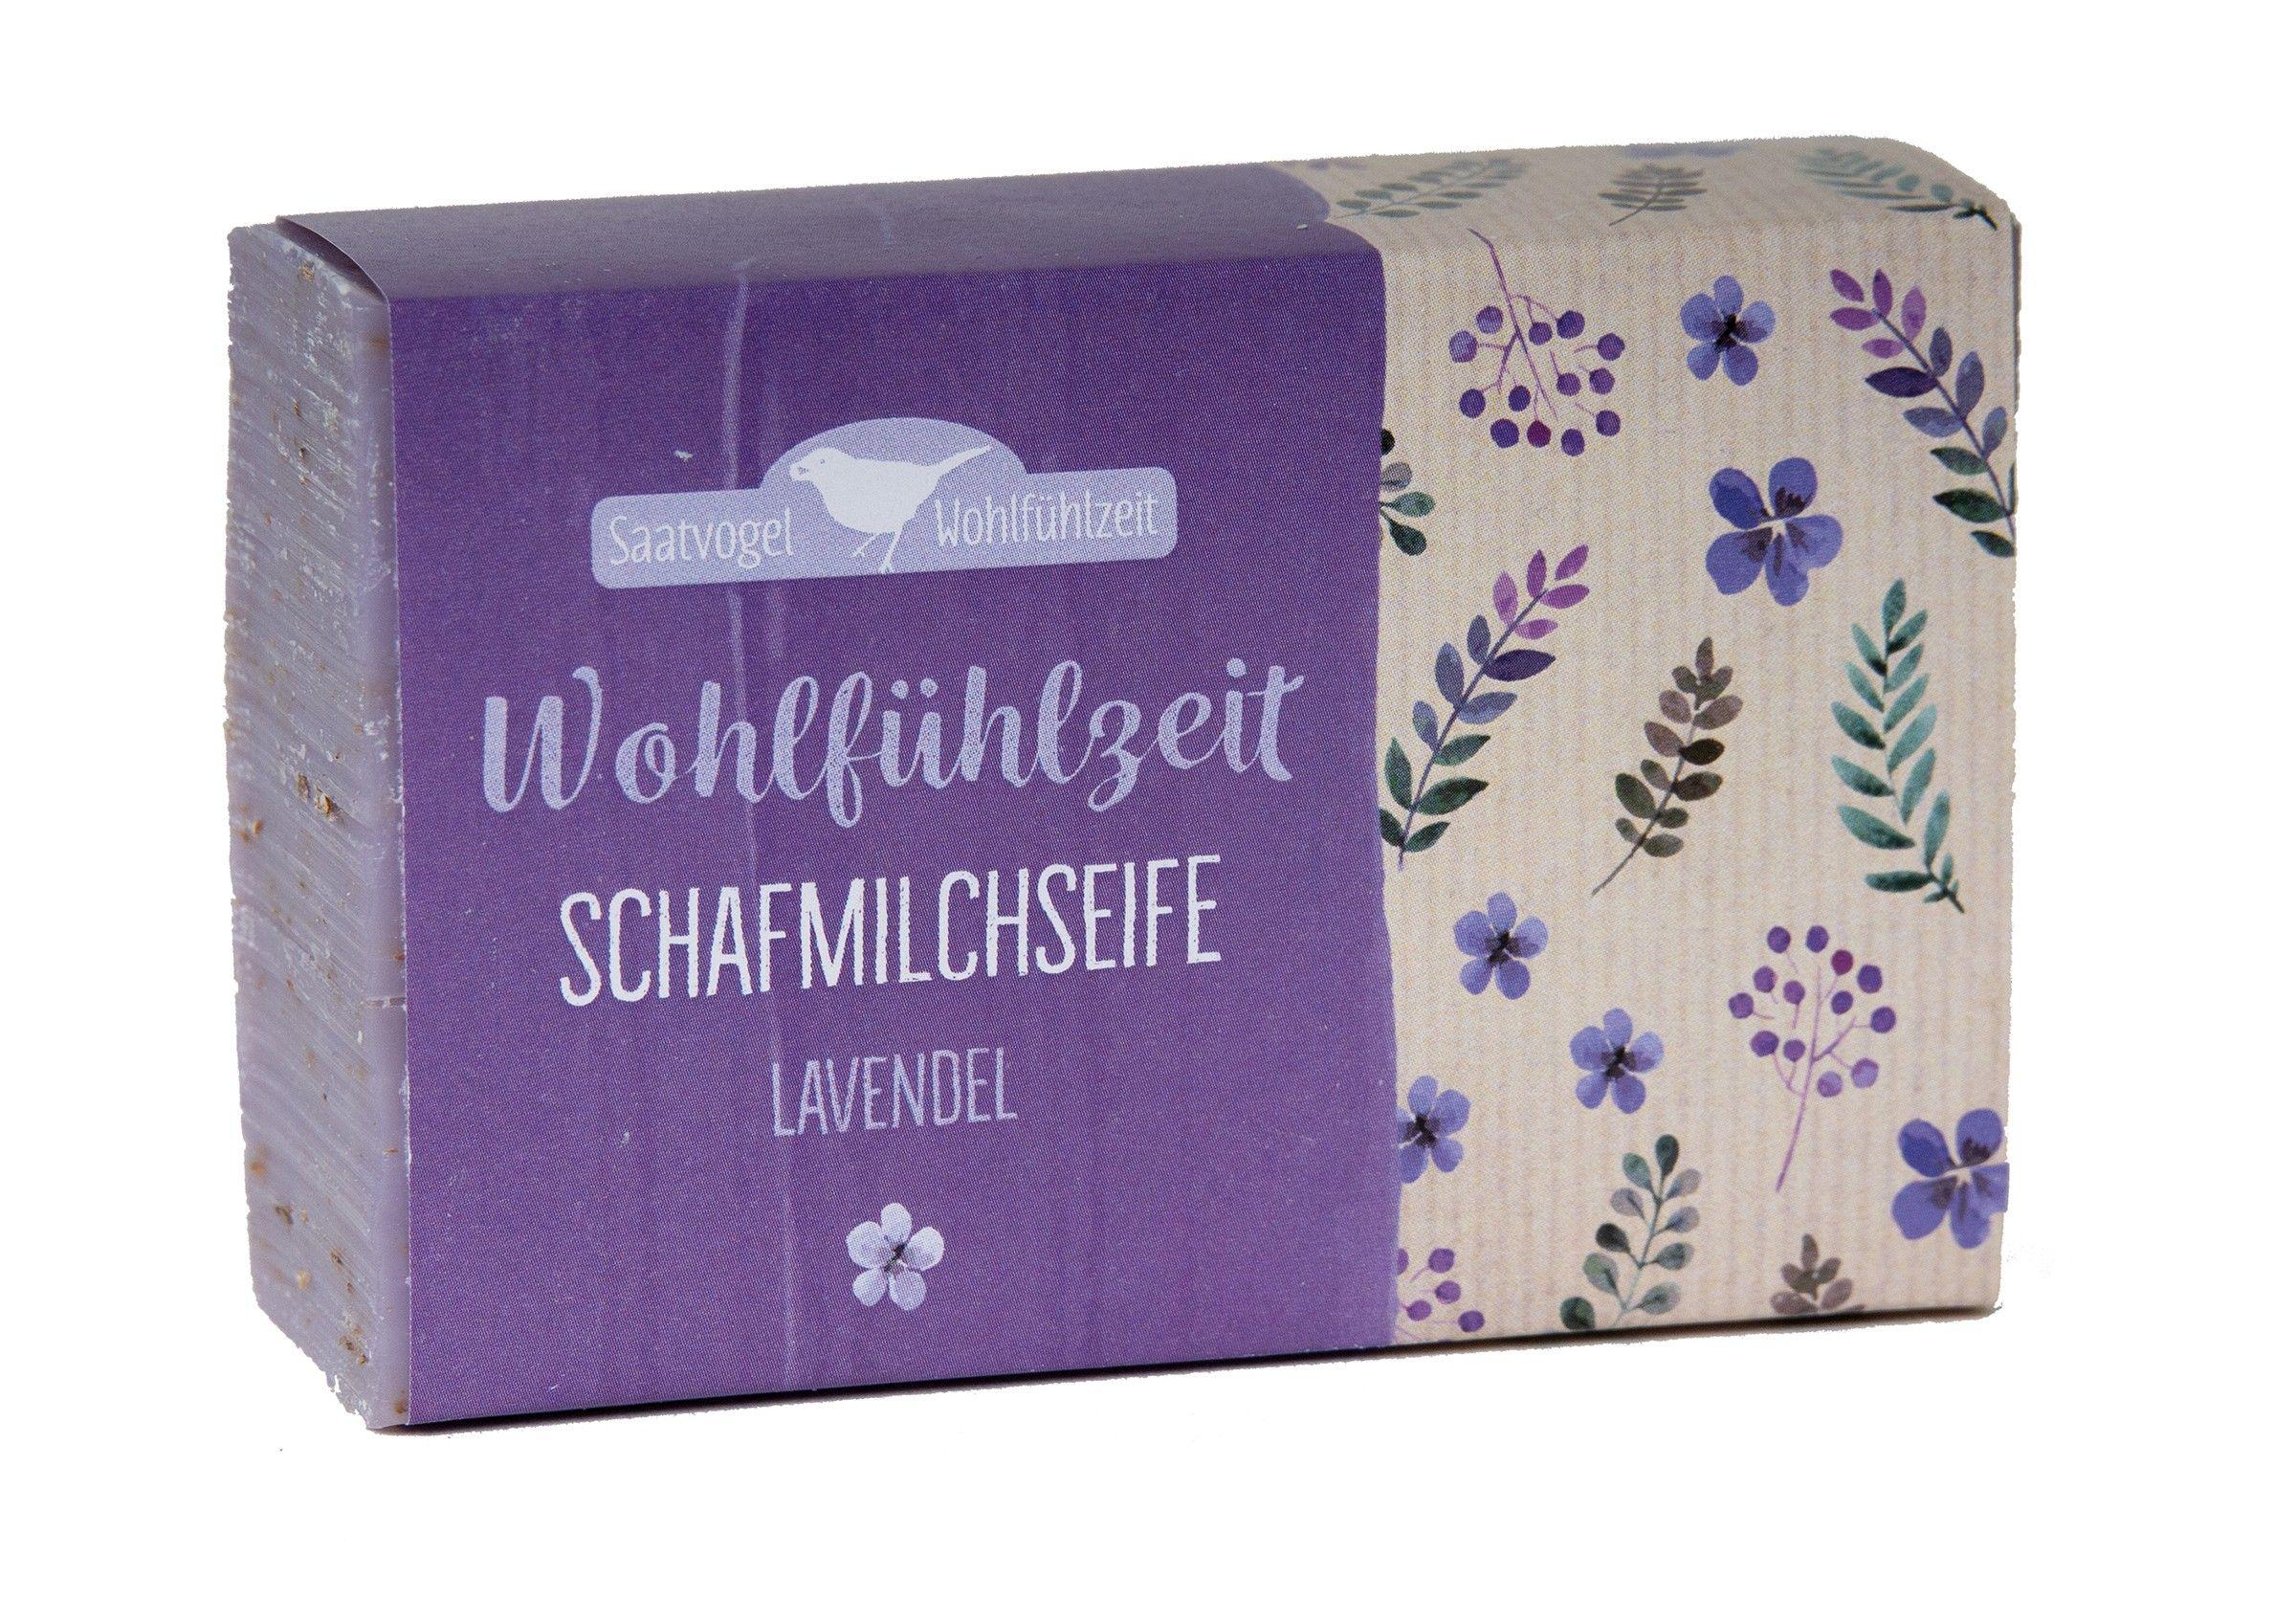 Schafmilchseife Wohlfühlzeit - Lavendel